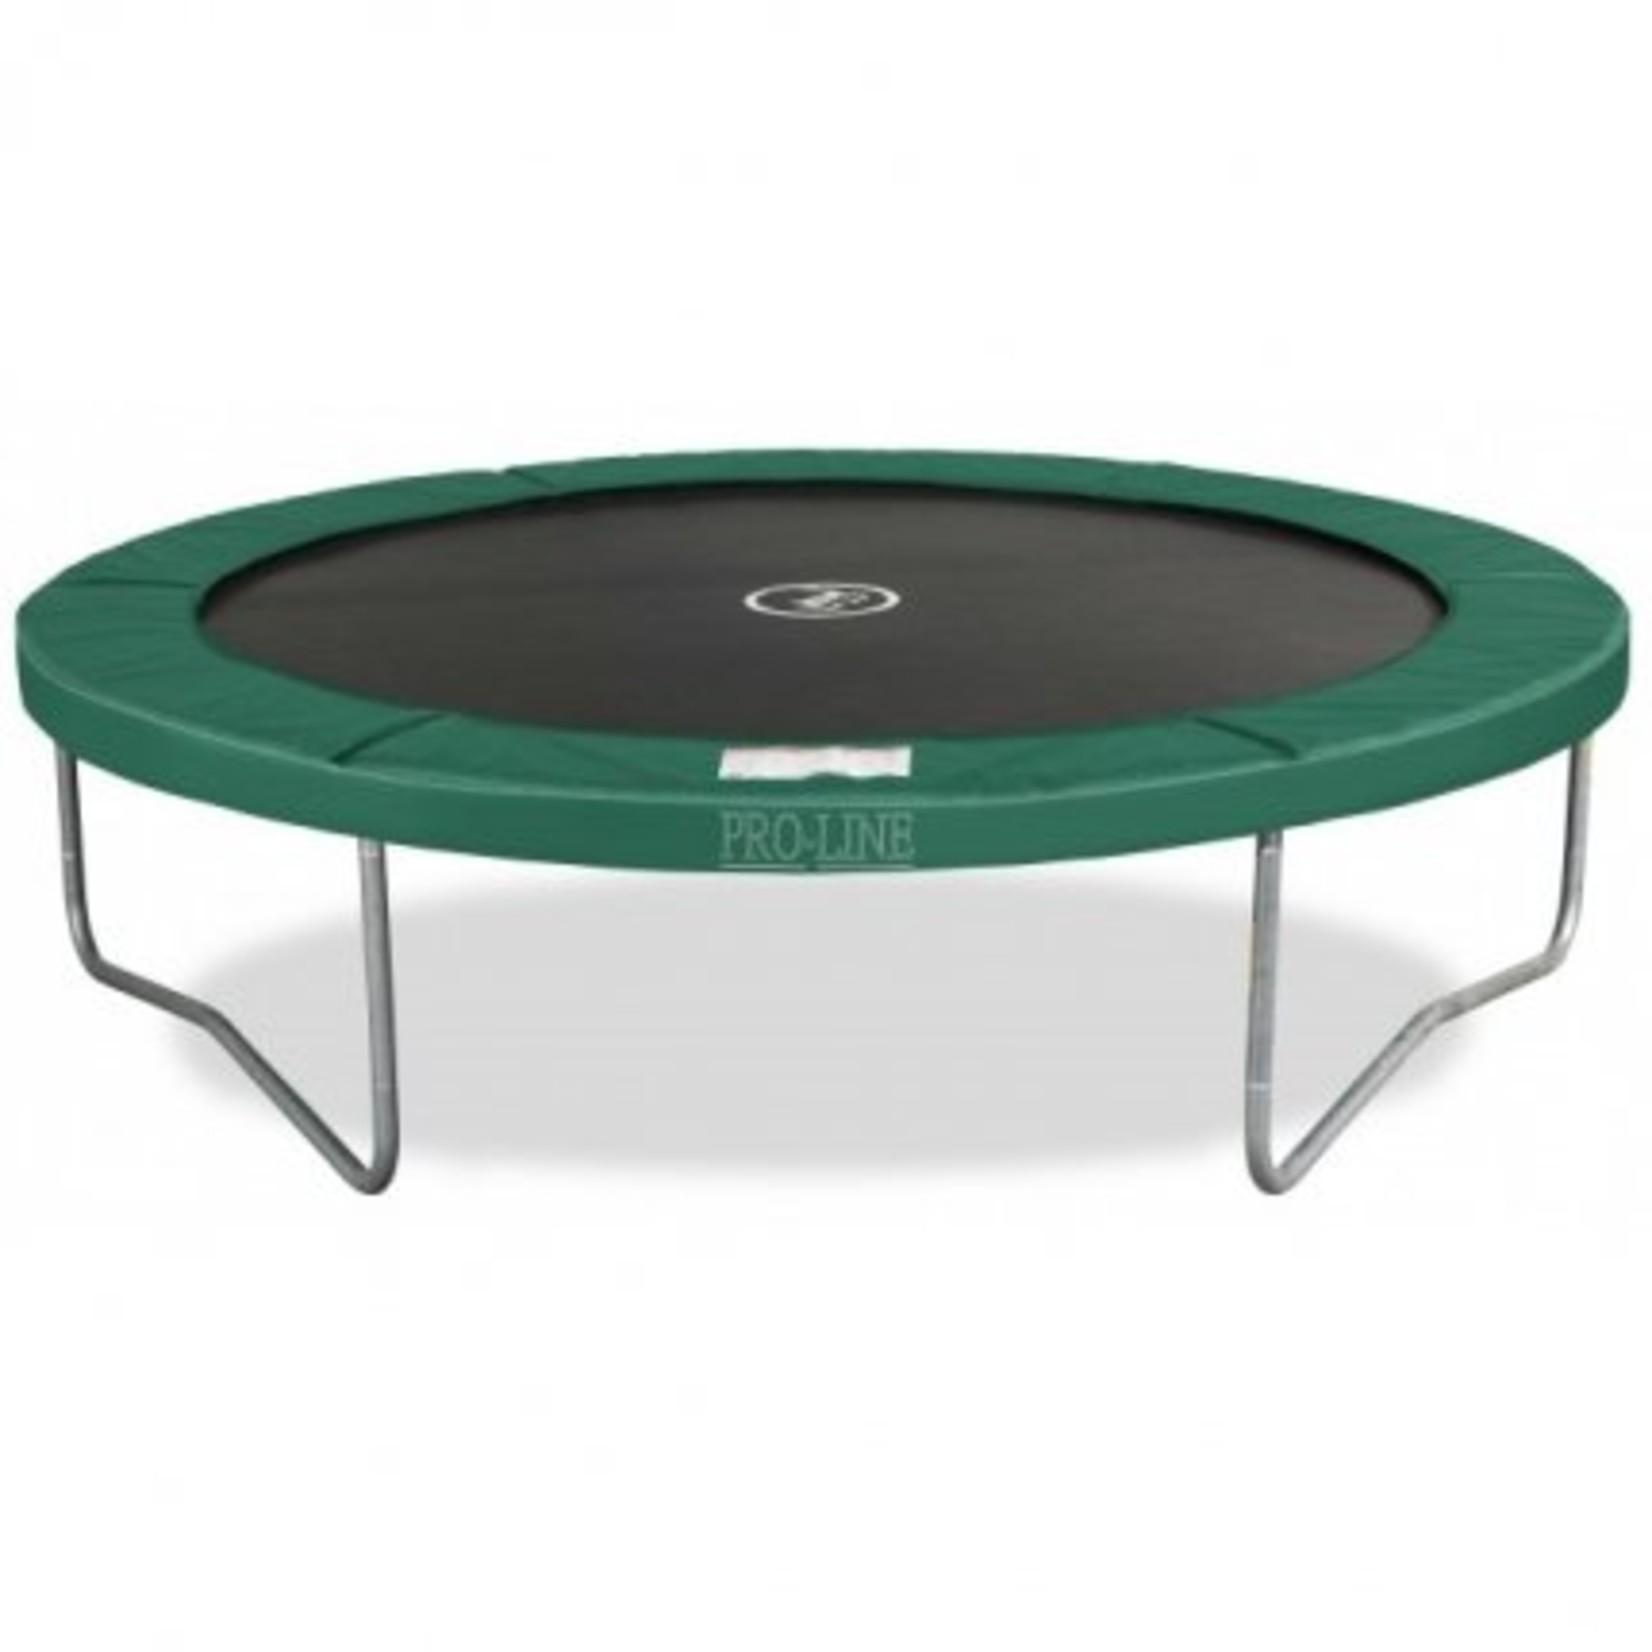 Avyna Top kwaliteit trampoline, die zeer veilig is en onderhoudsvriendelijk.Doorsnee 305cm en hoogte 76cm